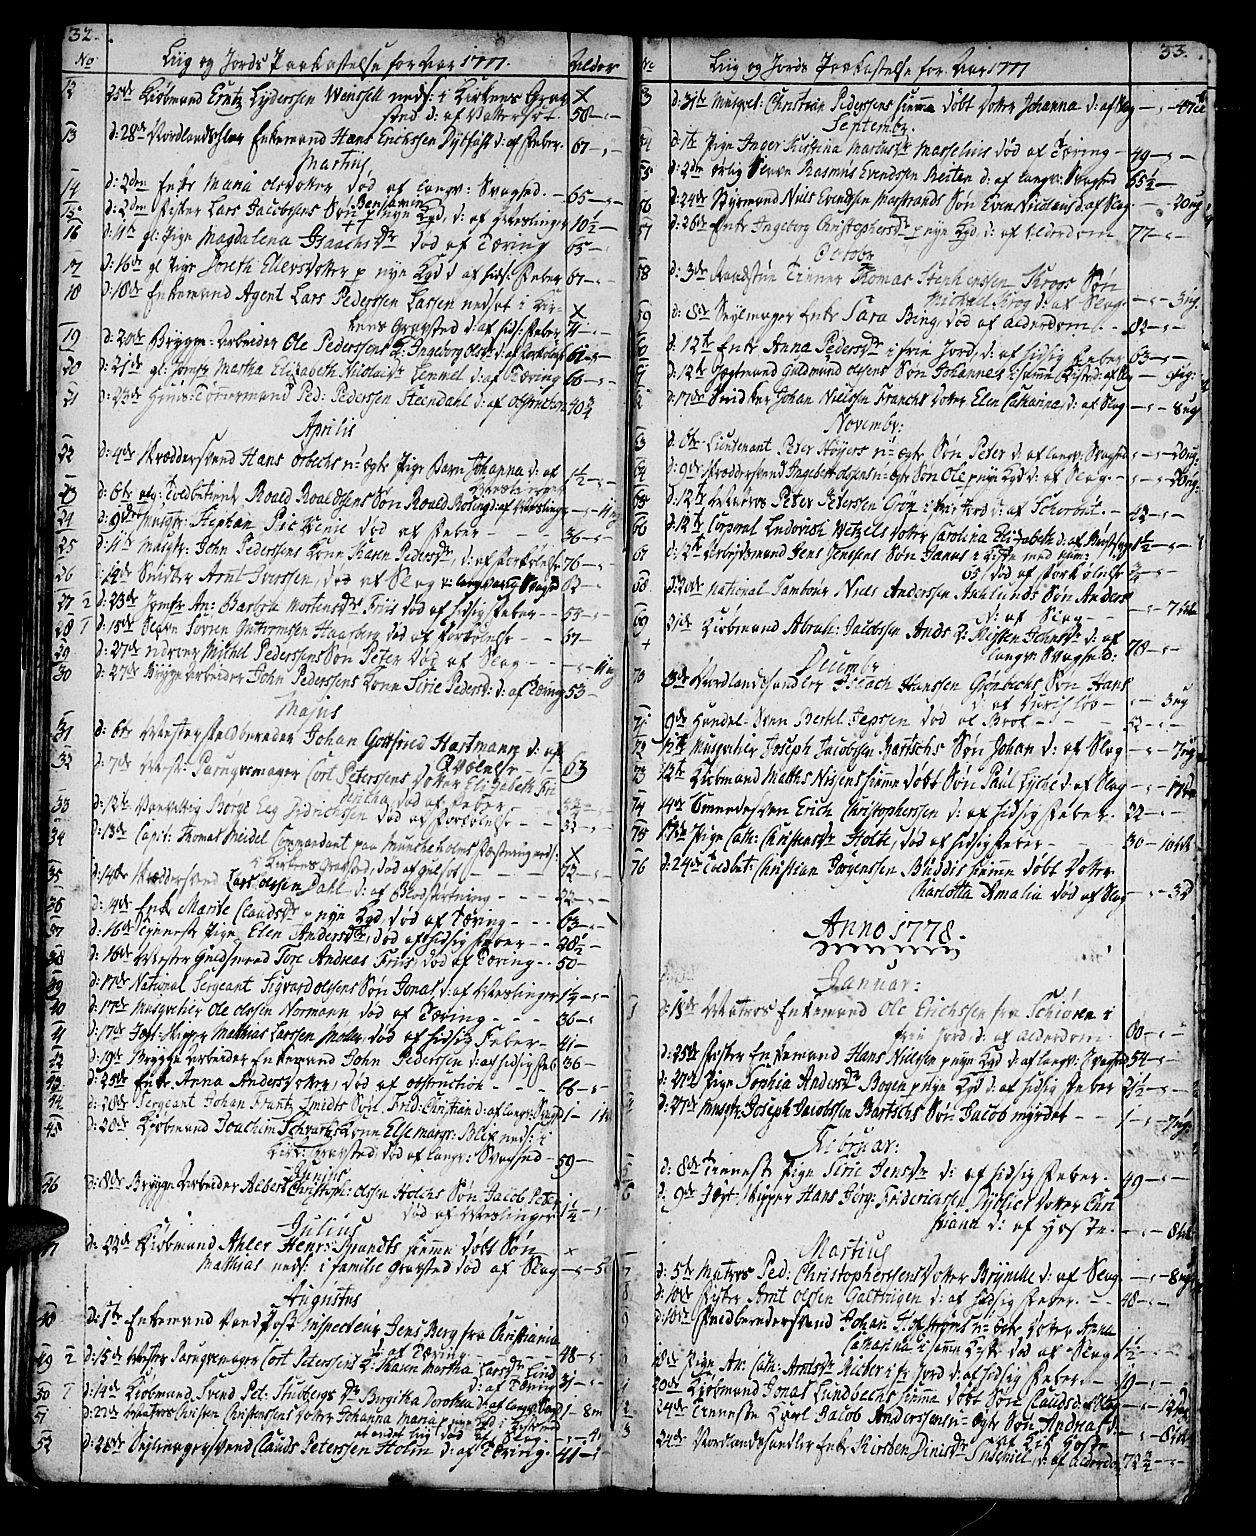 SAT, Ministerialprotokoller, klokkerbøker og fødselsregistre - Sør-Trøndelag, 602/L0134: Klokkerbok nr. 602C02, 1759-1812, s. 32-33